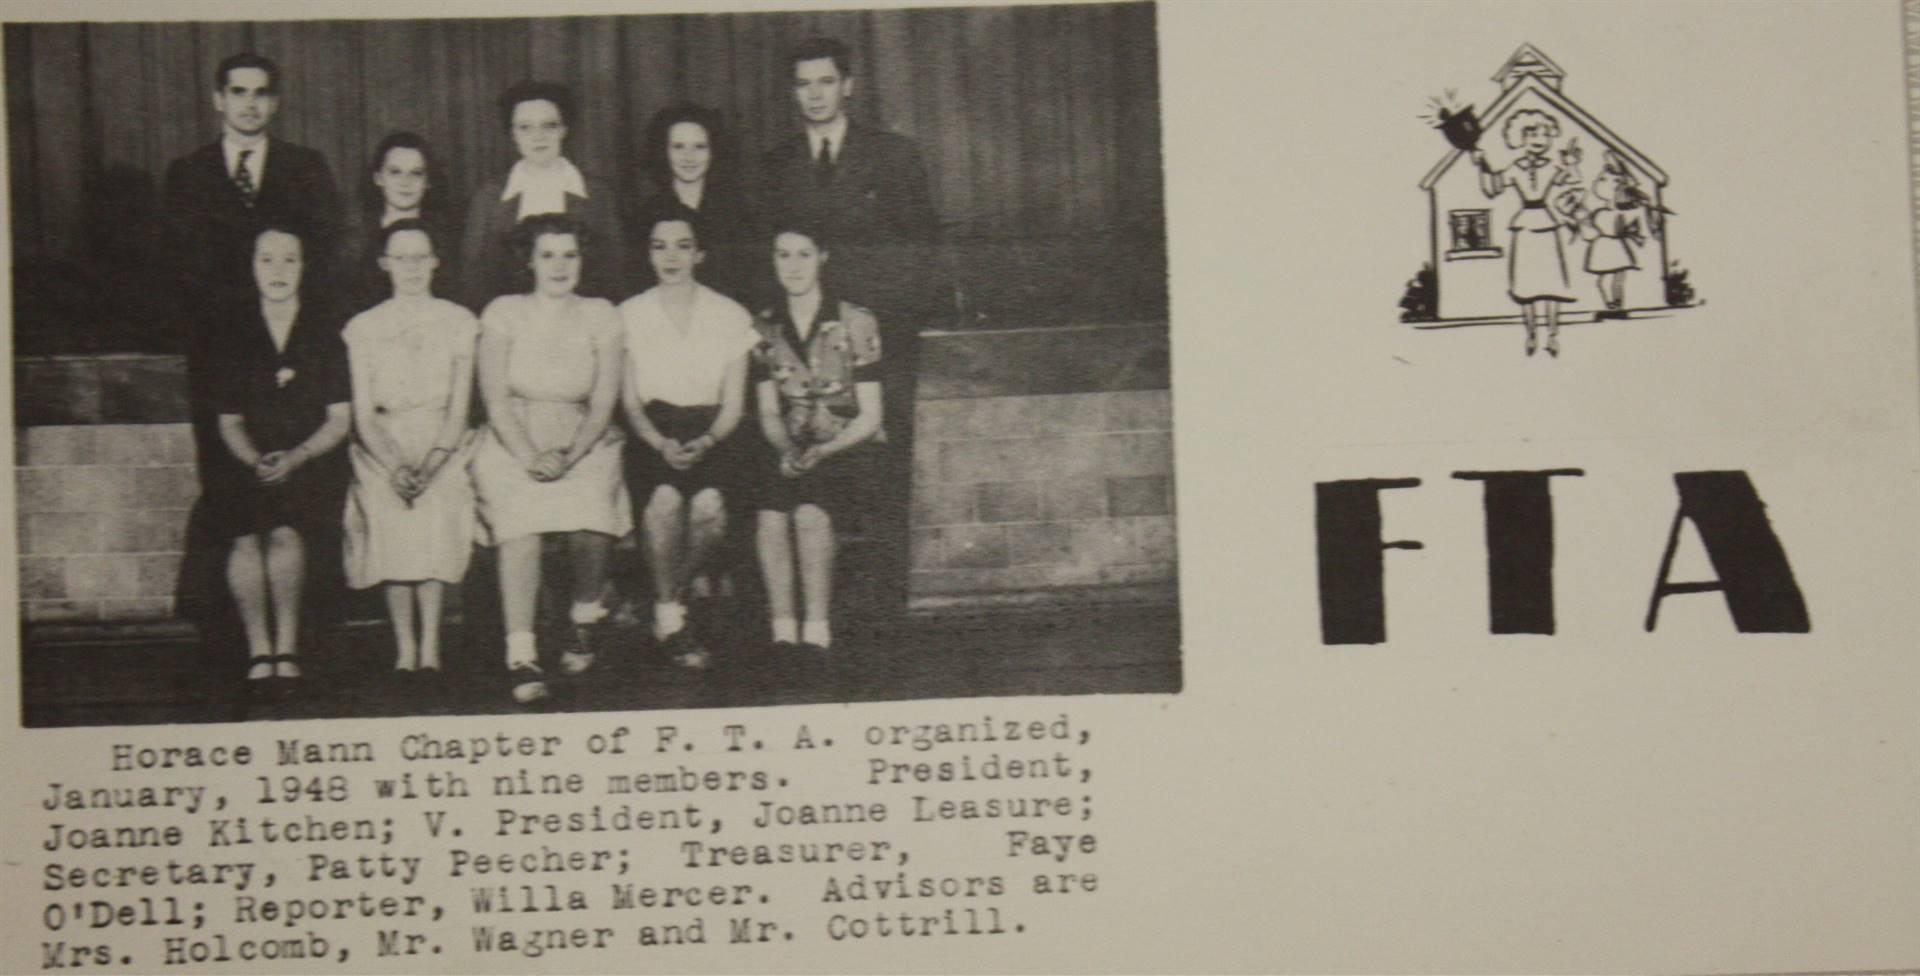 1948 FTA